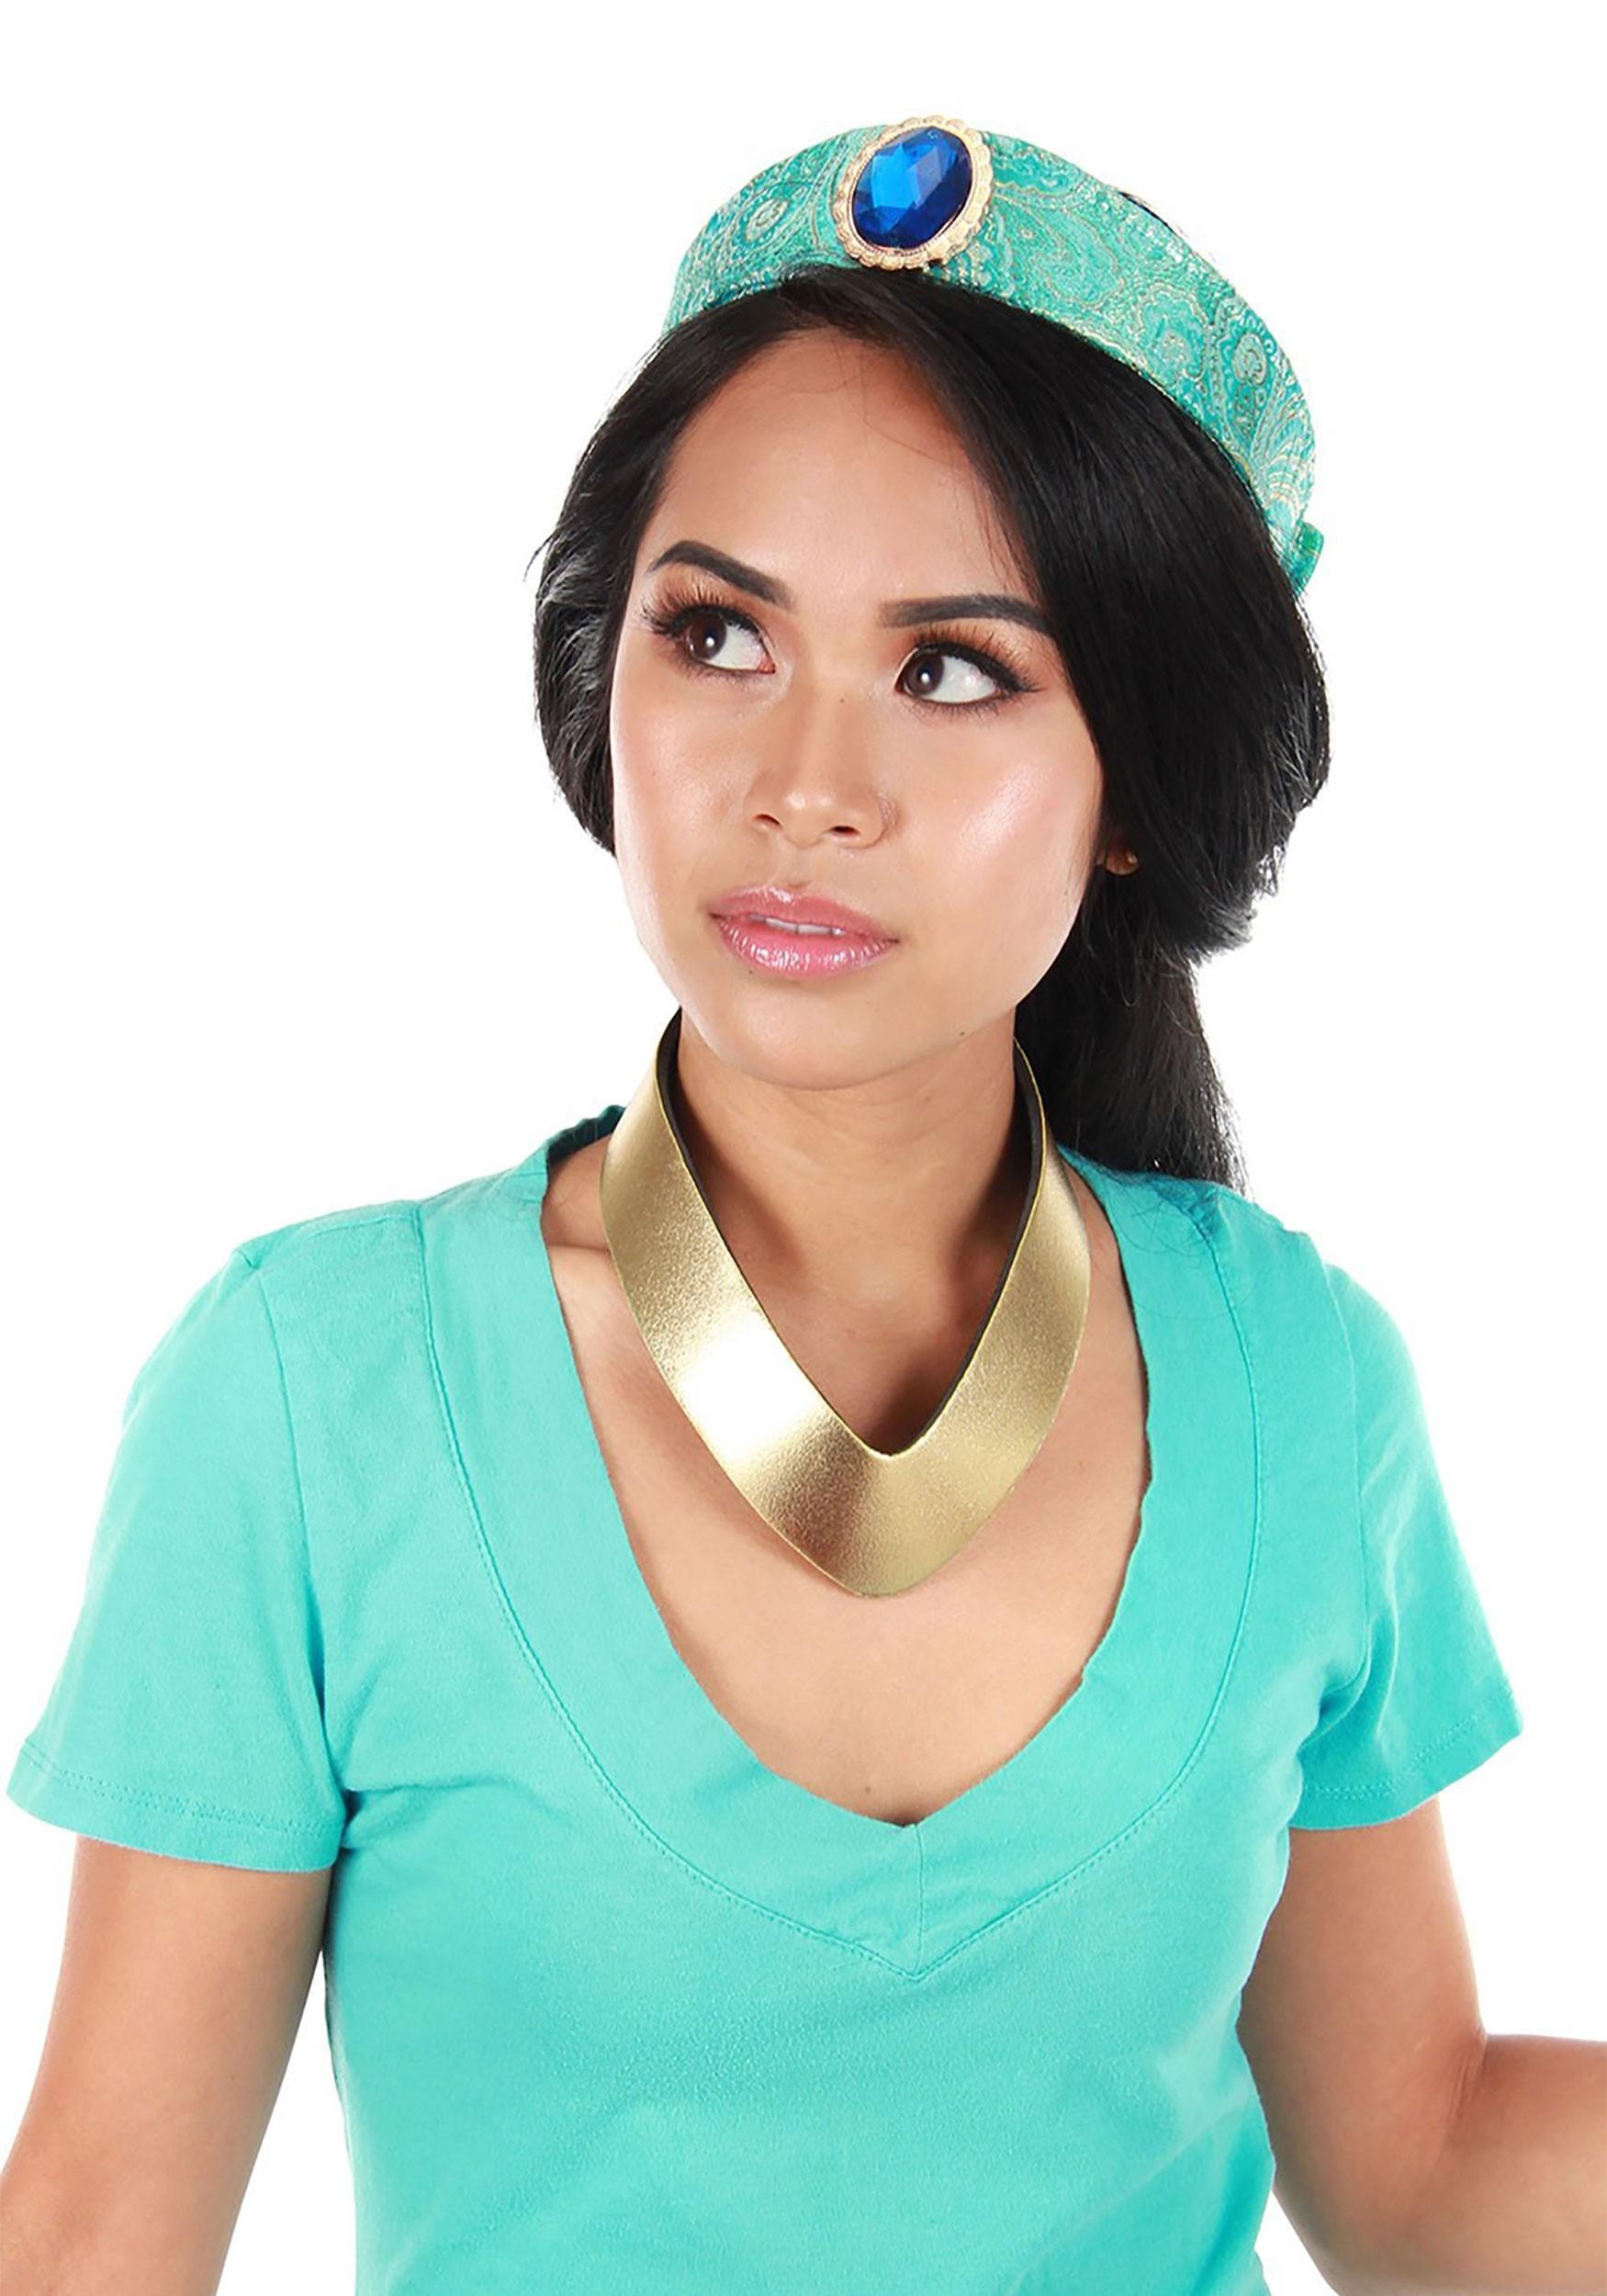 Disney Aladdin Princess Jasmine Accessory Kit